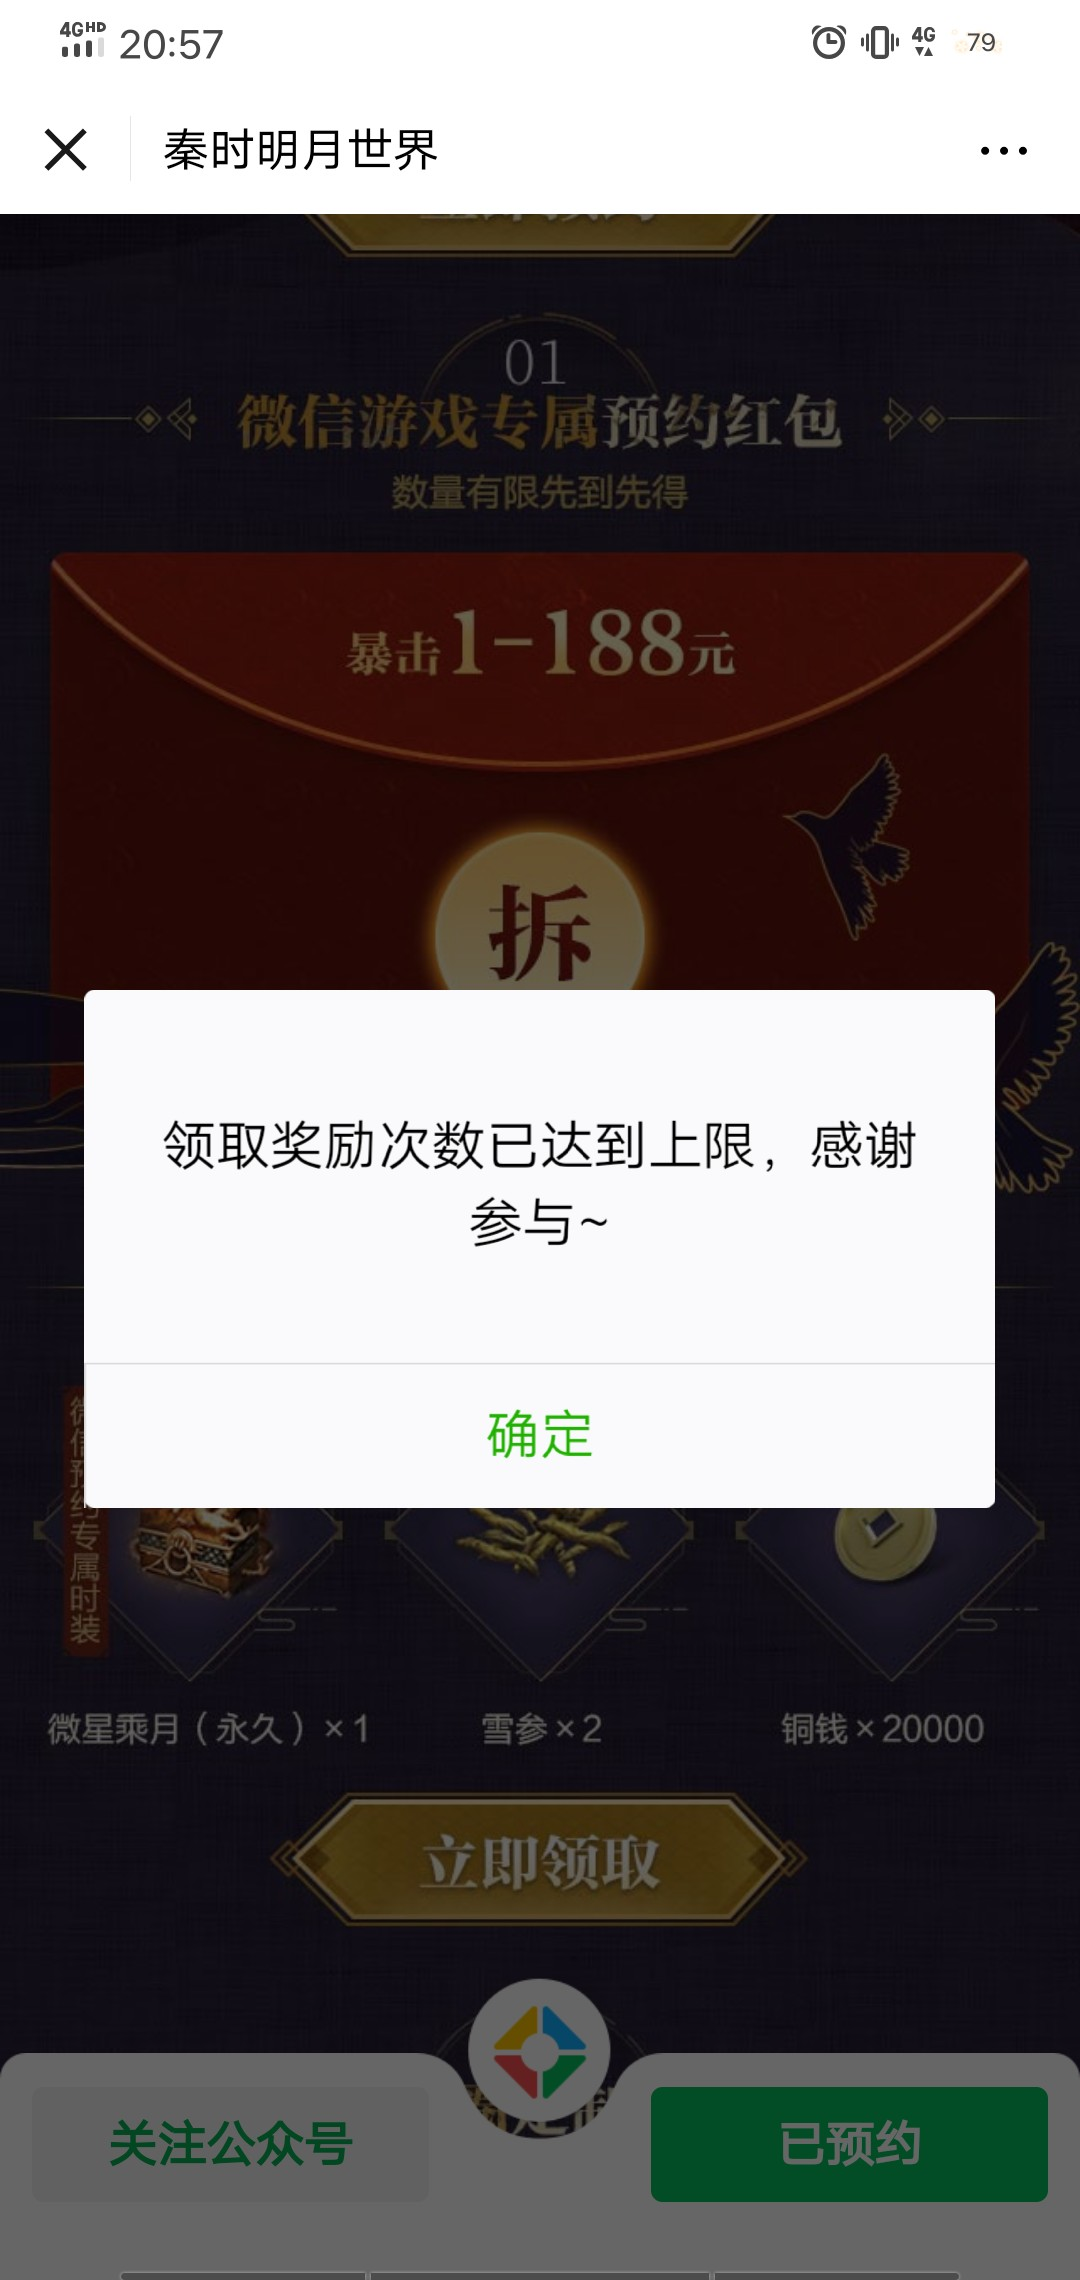 【现金红包】秦时明月预约给红包-聚合资源网